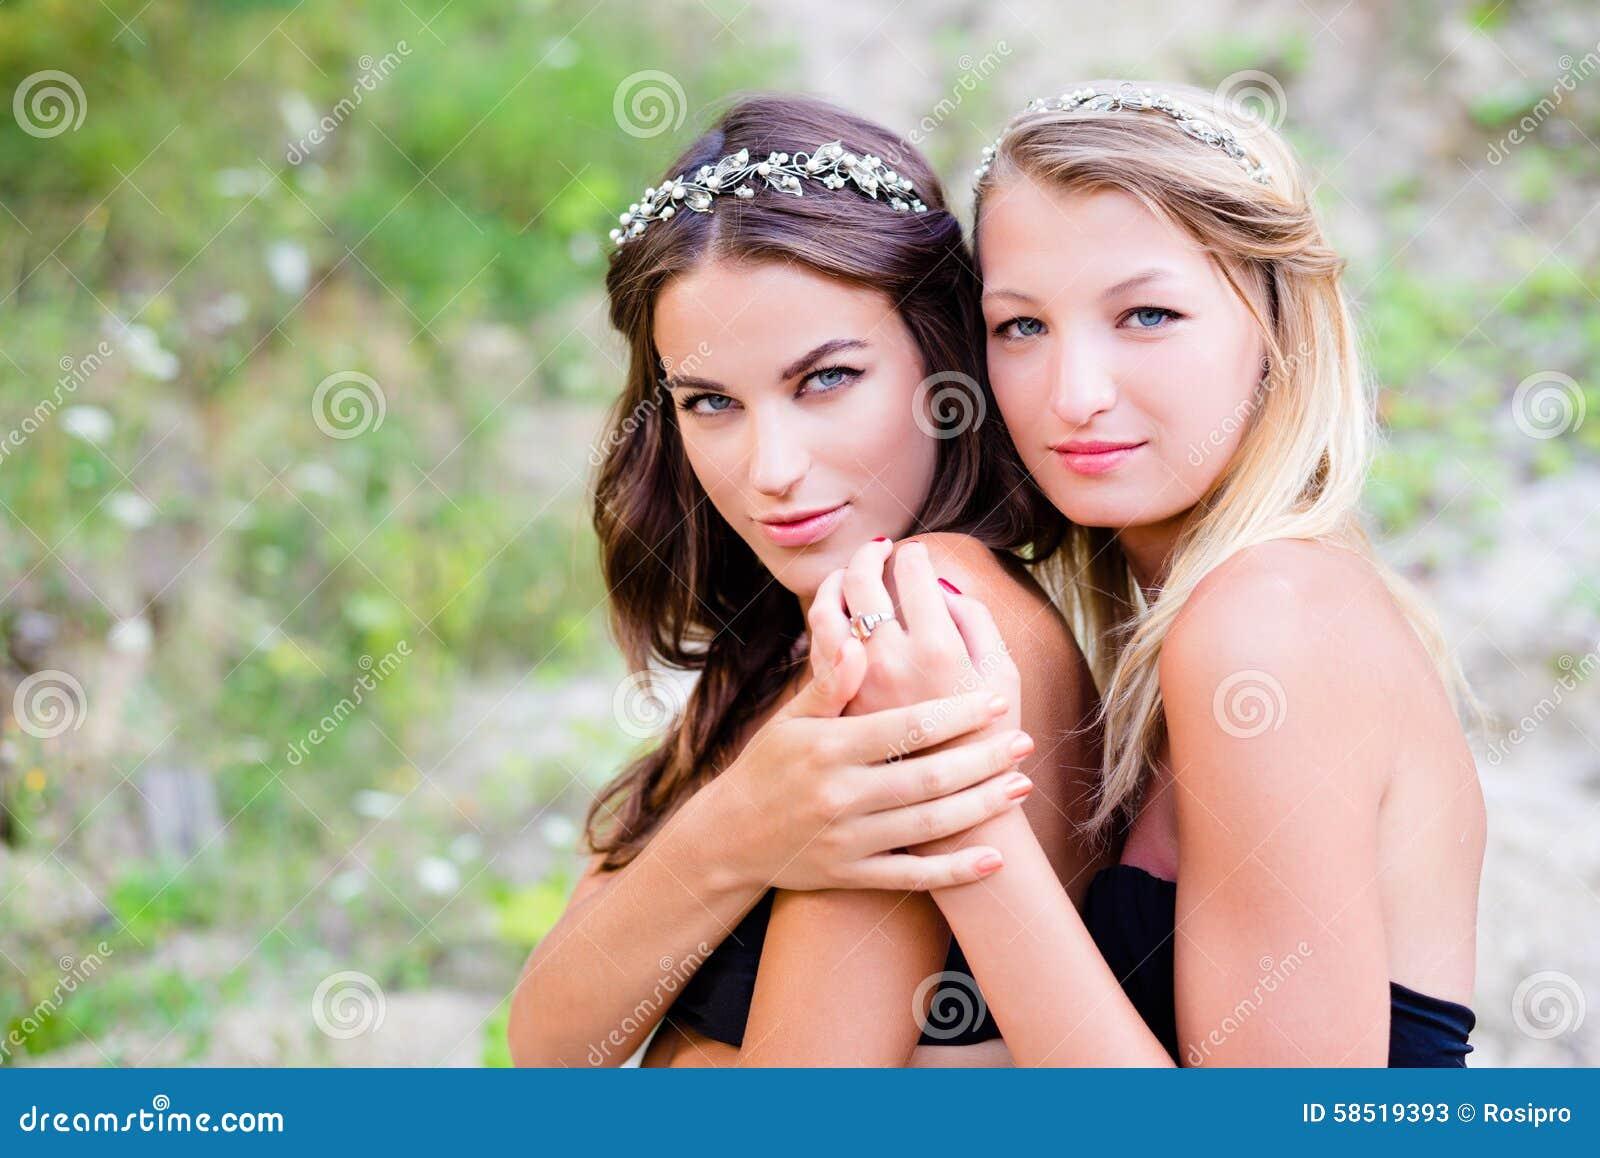 naken bilder på unga damer